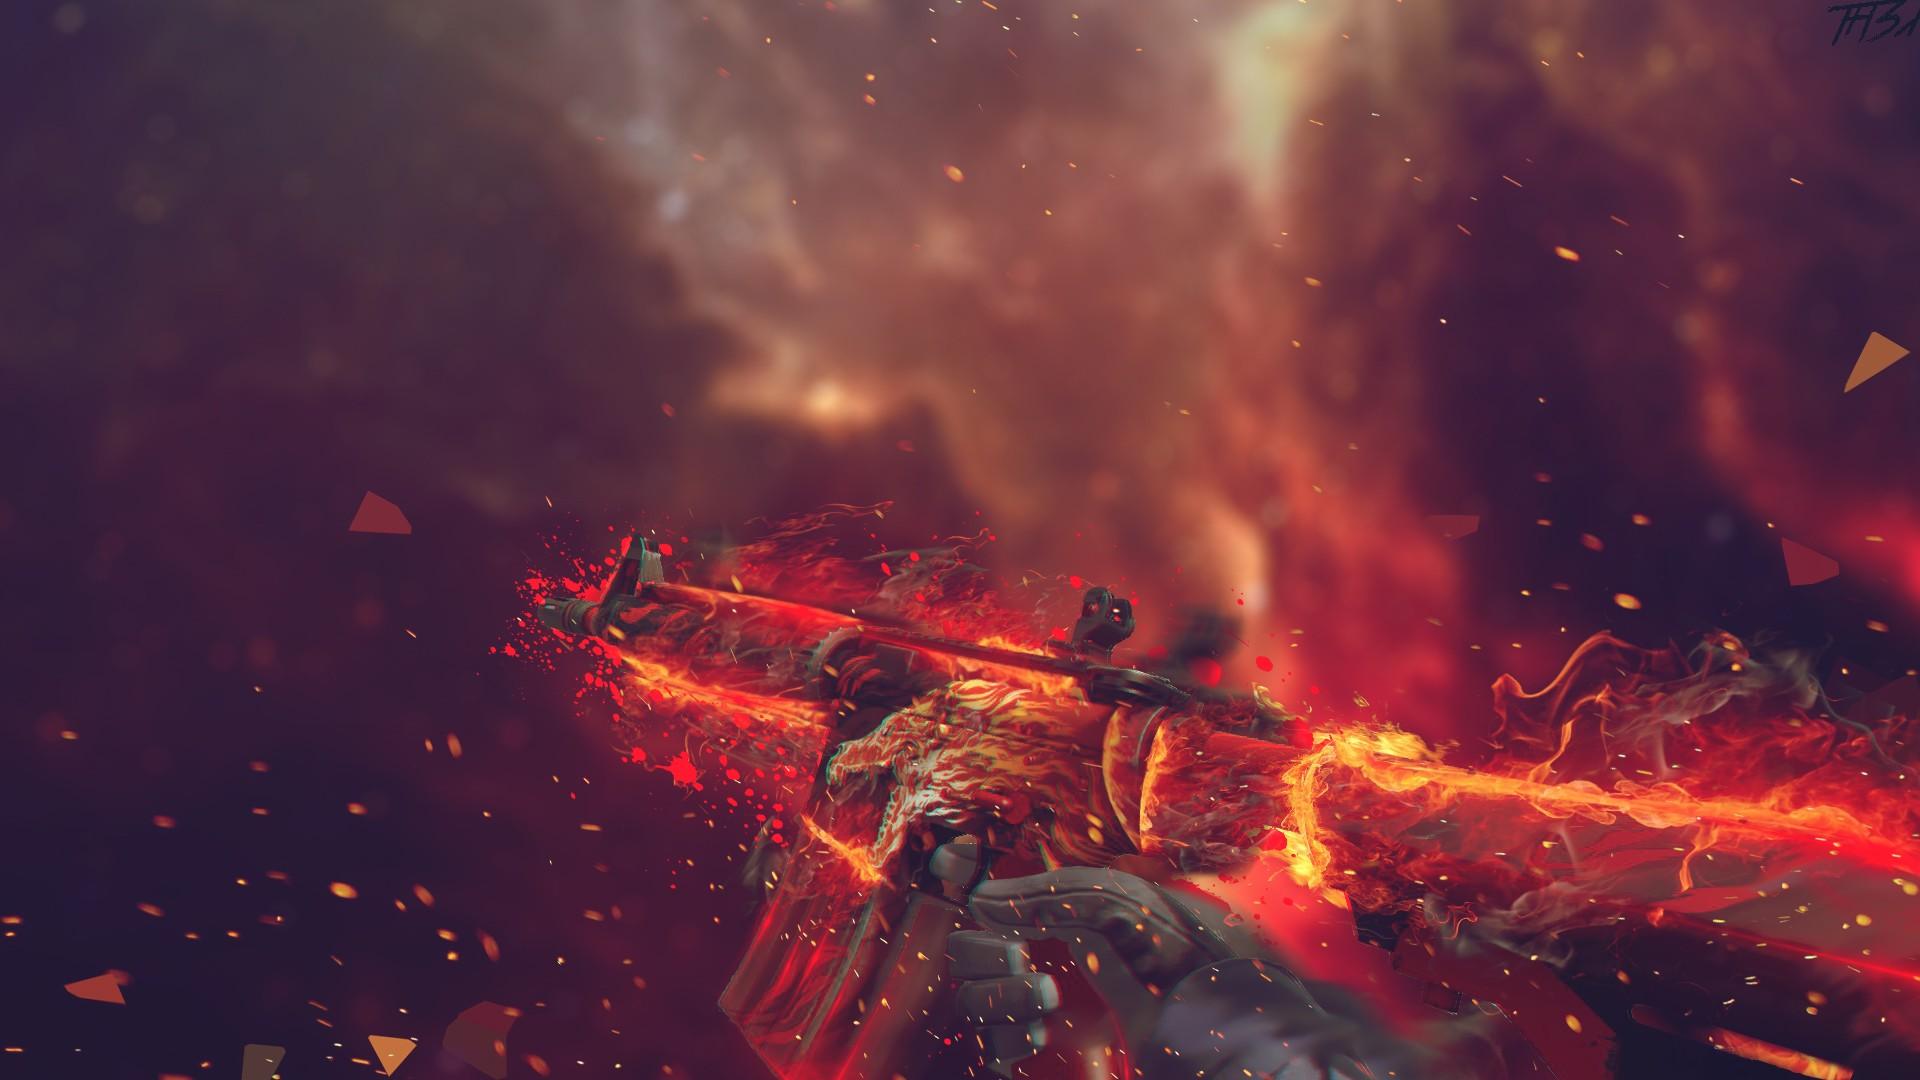 artwork Counter Strike Global Offensive digital art fire 1920x1080